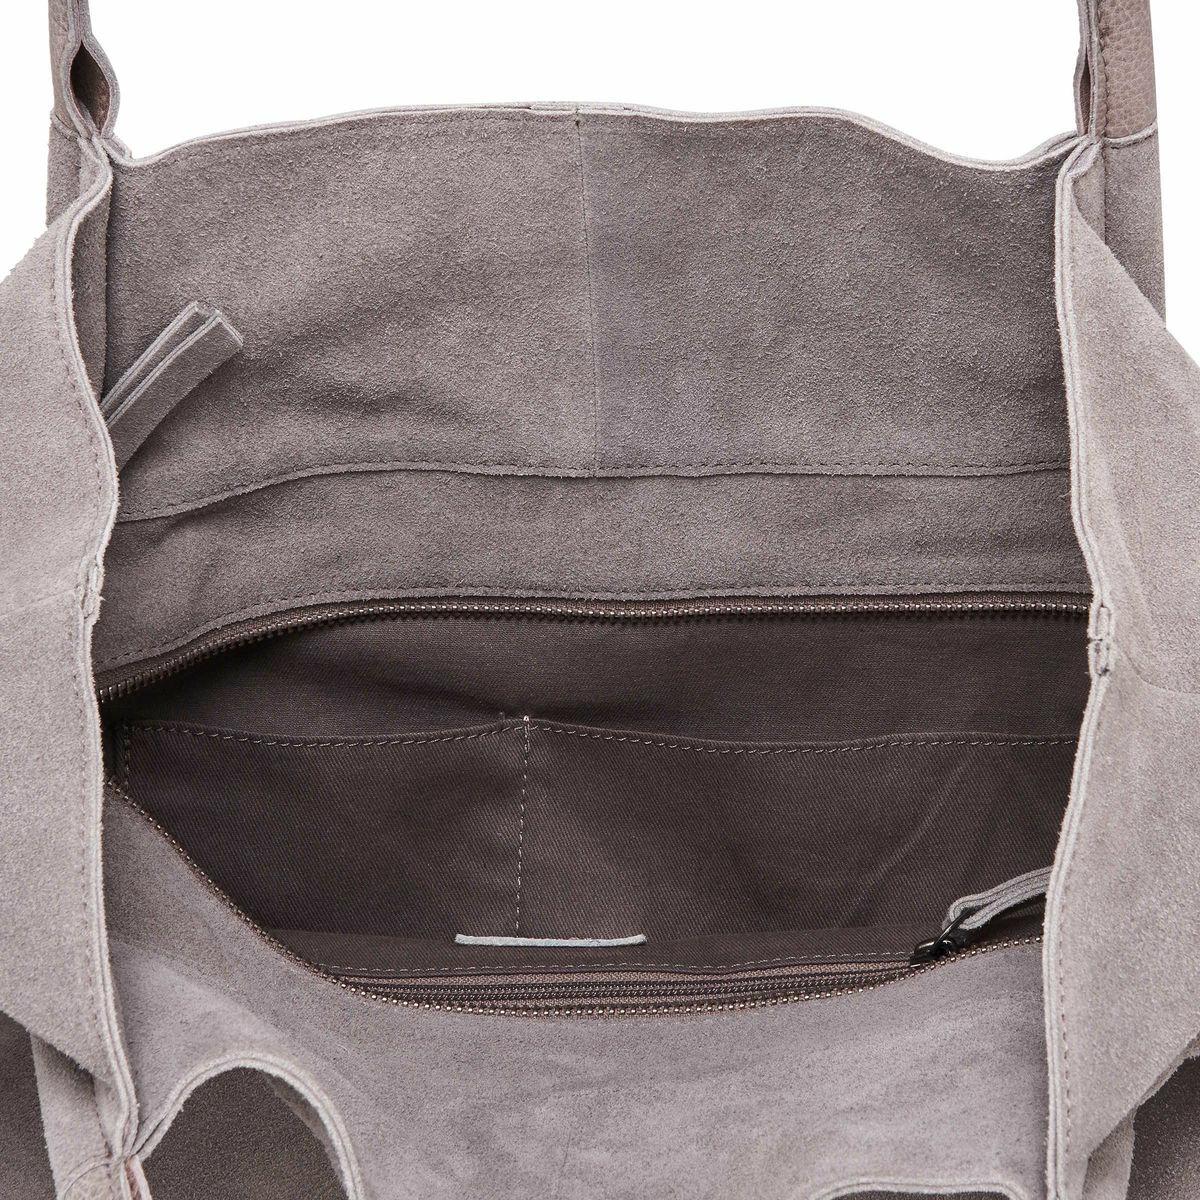 Bild 4 von Echtleder Shopper grau-silber